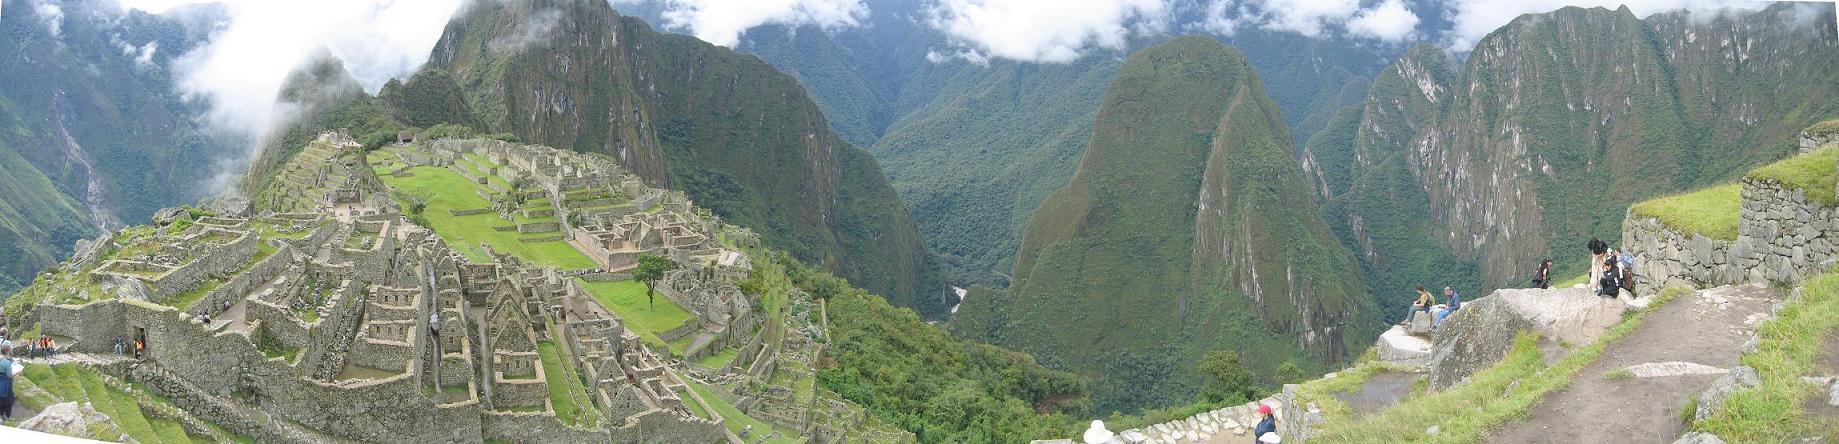 Peru_machupichu1